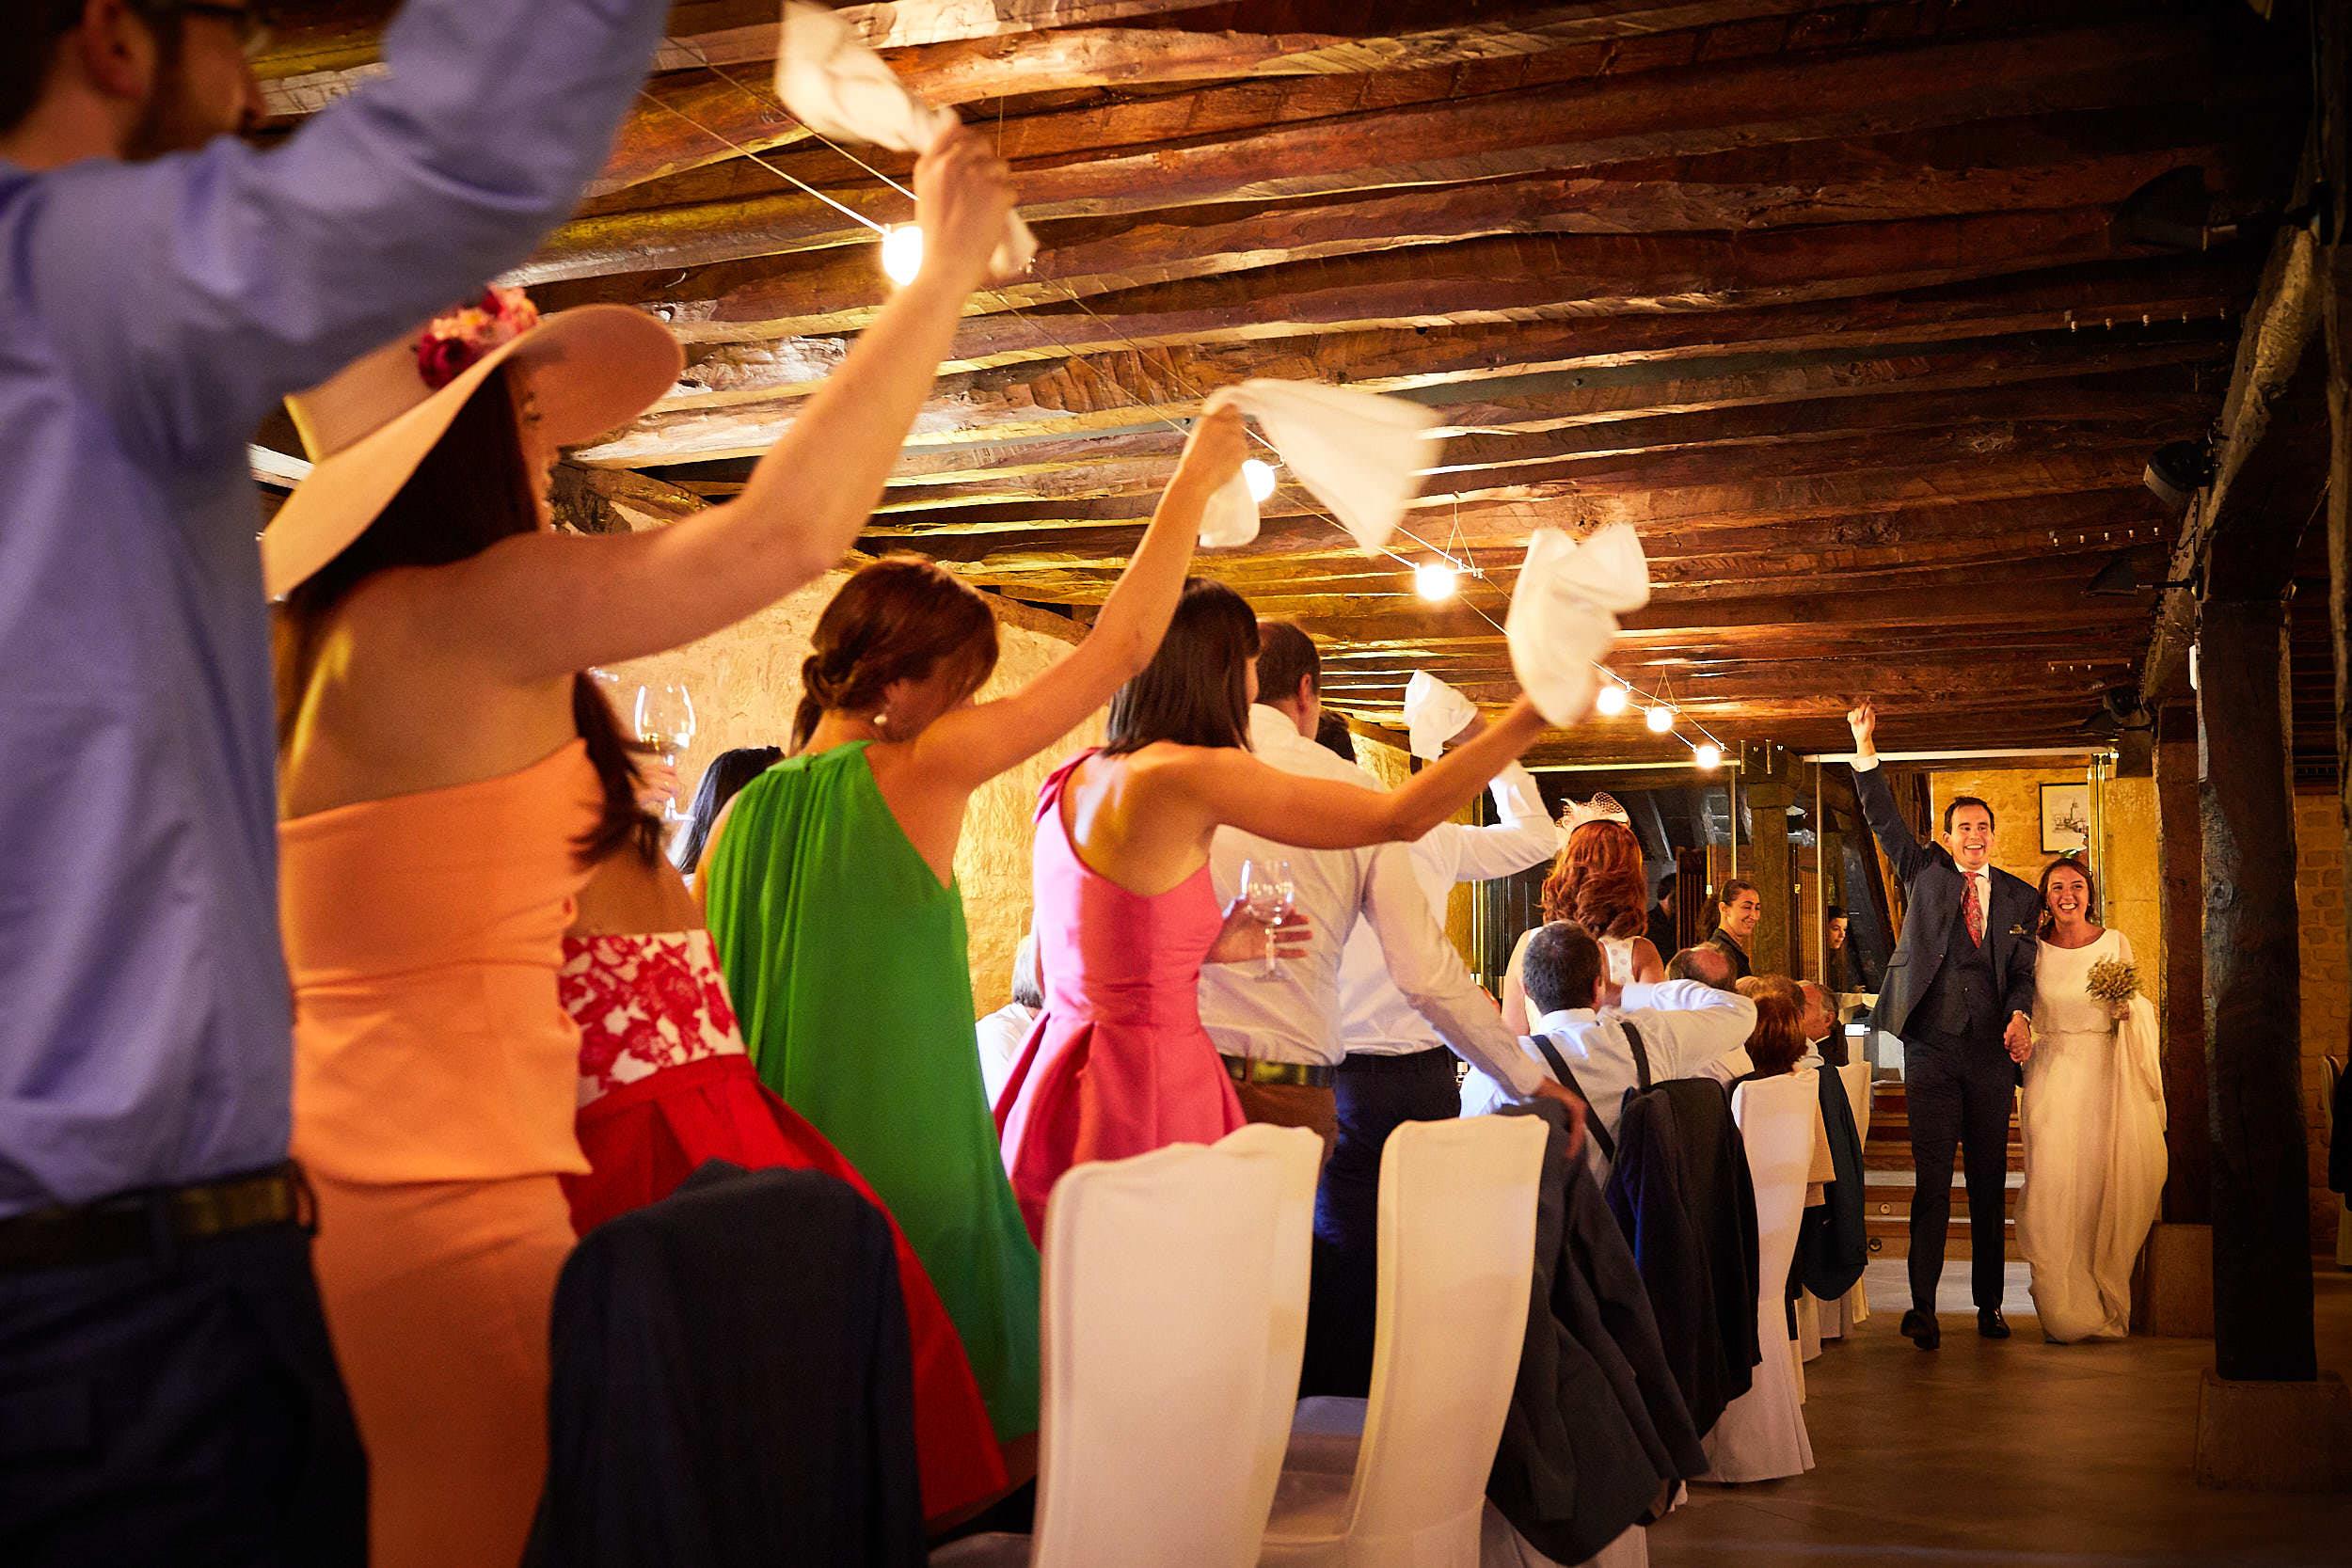 Fotógrafo de boda con estilo documental y fotoperiodismo en La Rioja Palacio Casafuerte Zarraton La Rioja Spain James Sturcke Photographer sturcke.org_00023.jpg